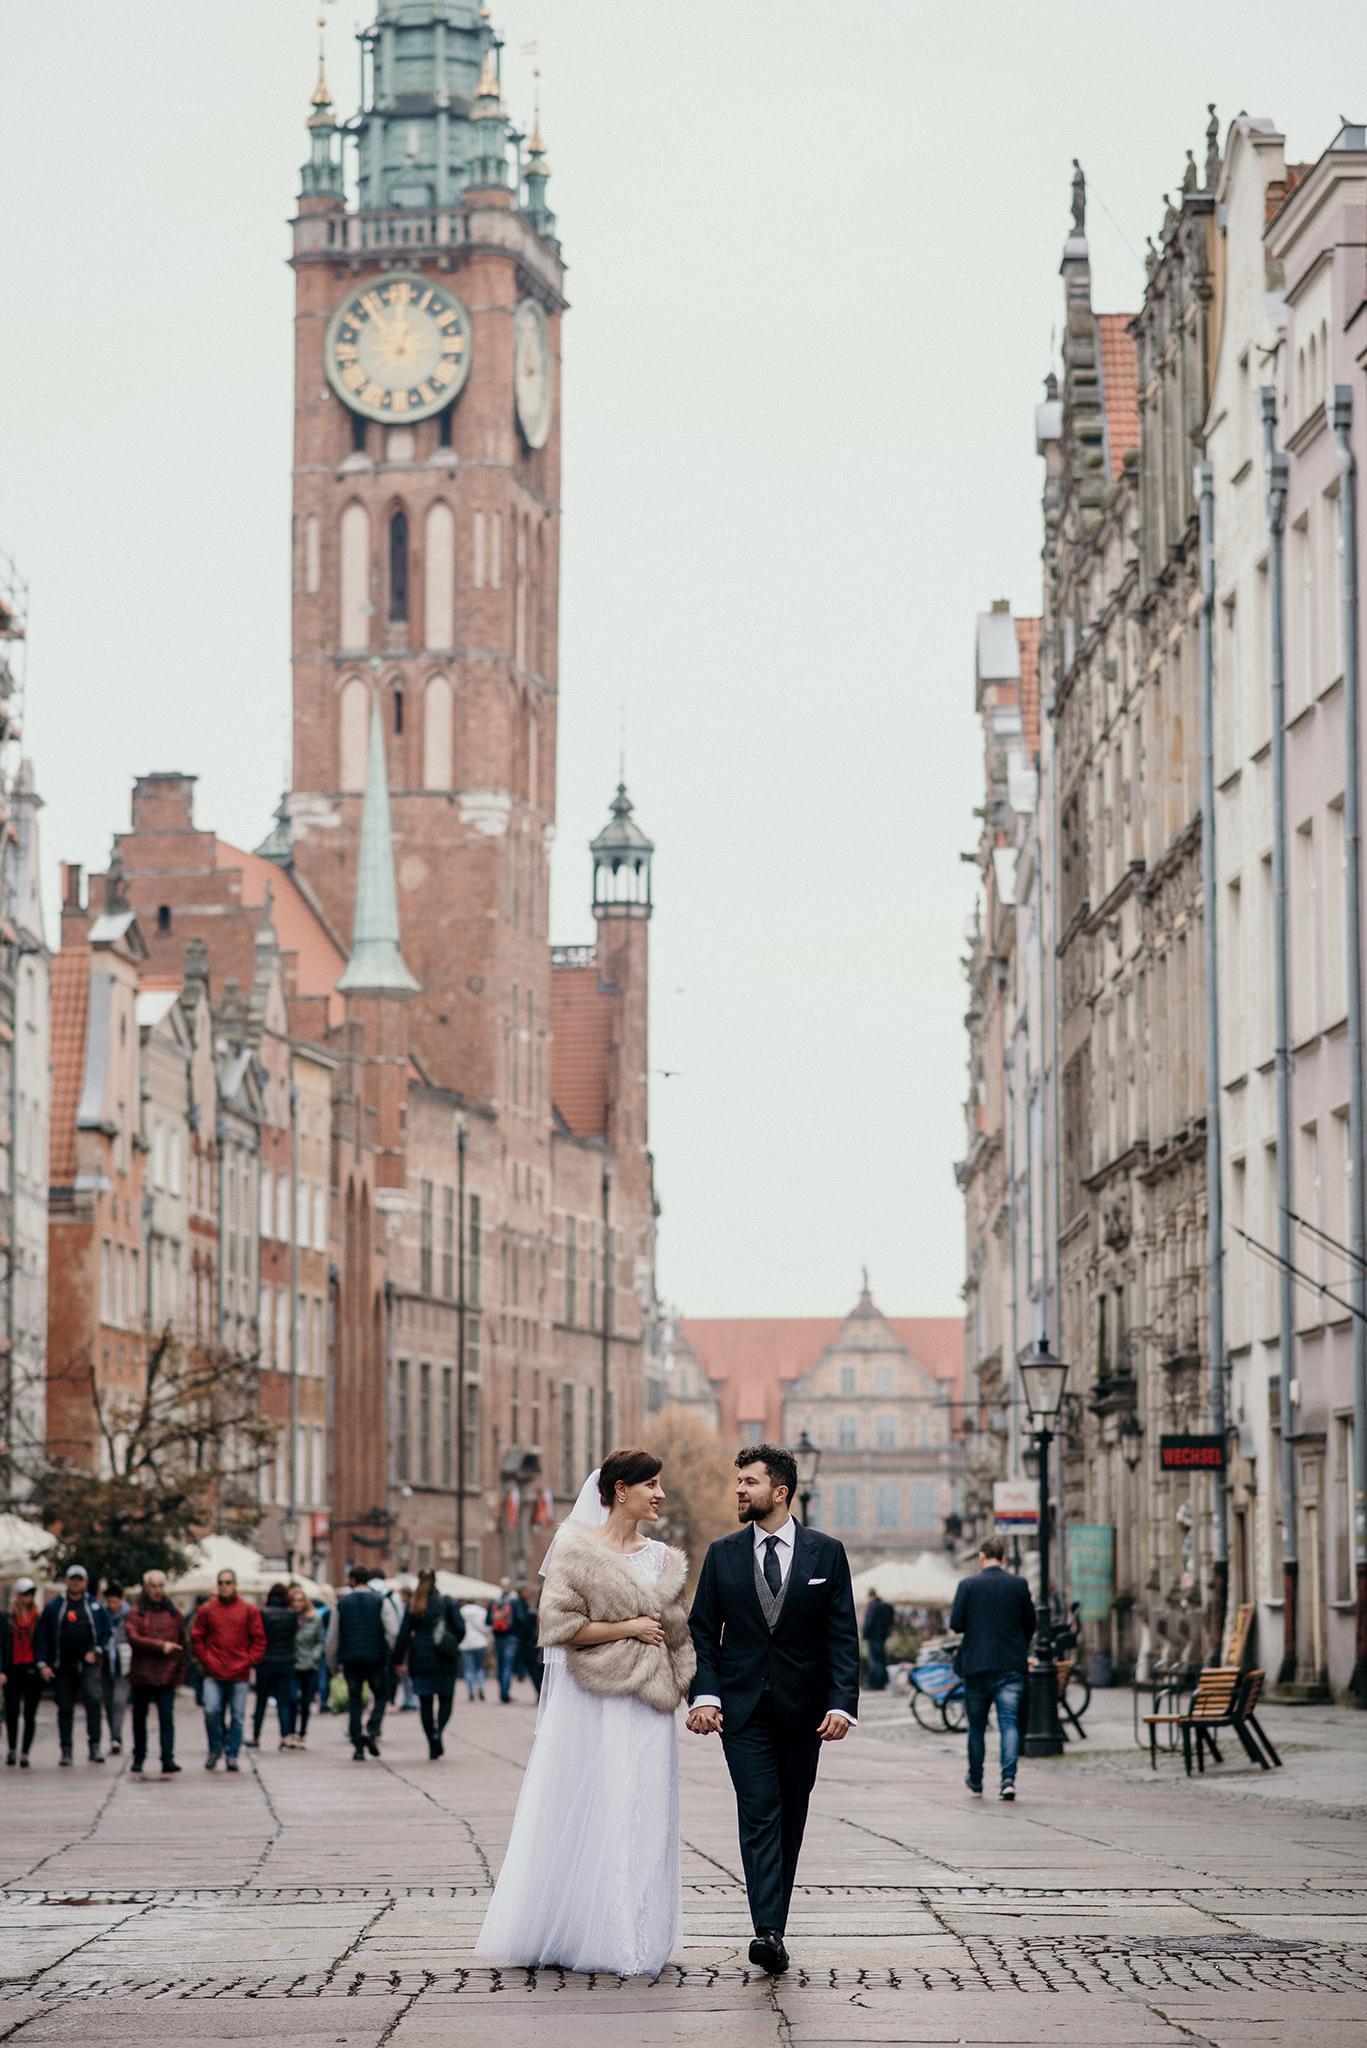 foto gdańsk